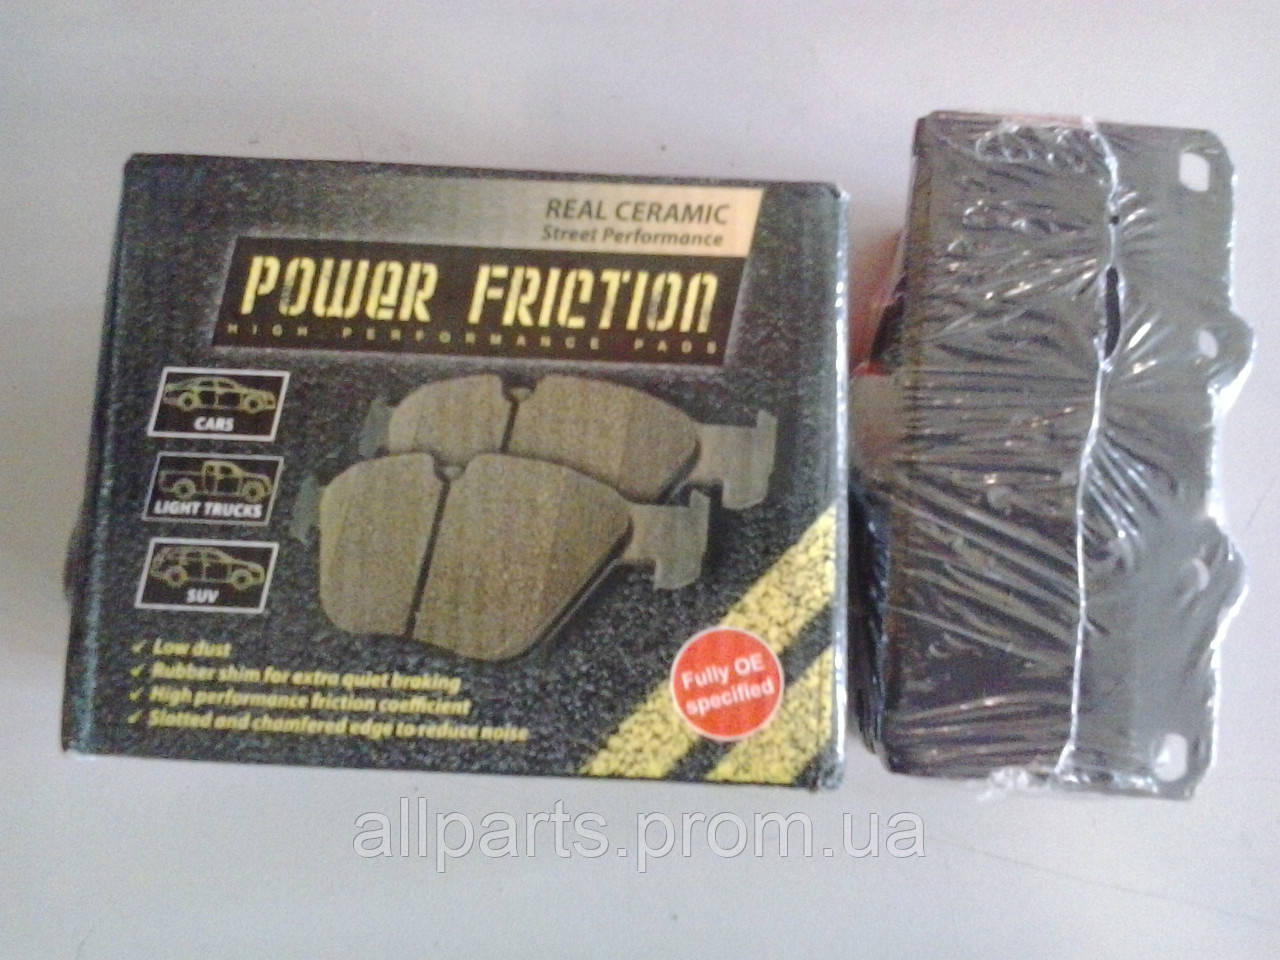 Тормозные колодки керамические Power Friction (страна производитель USA)